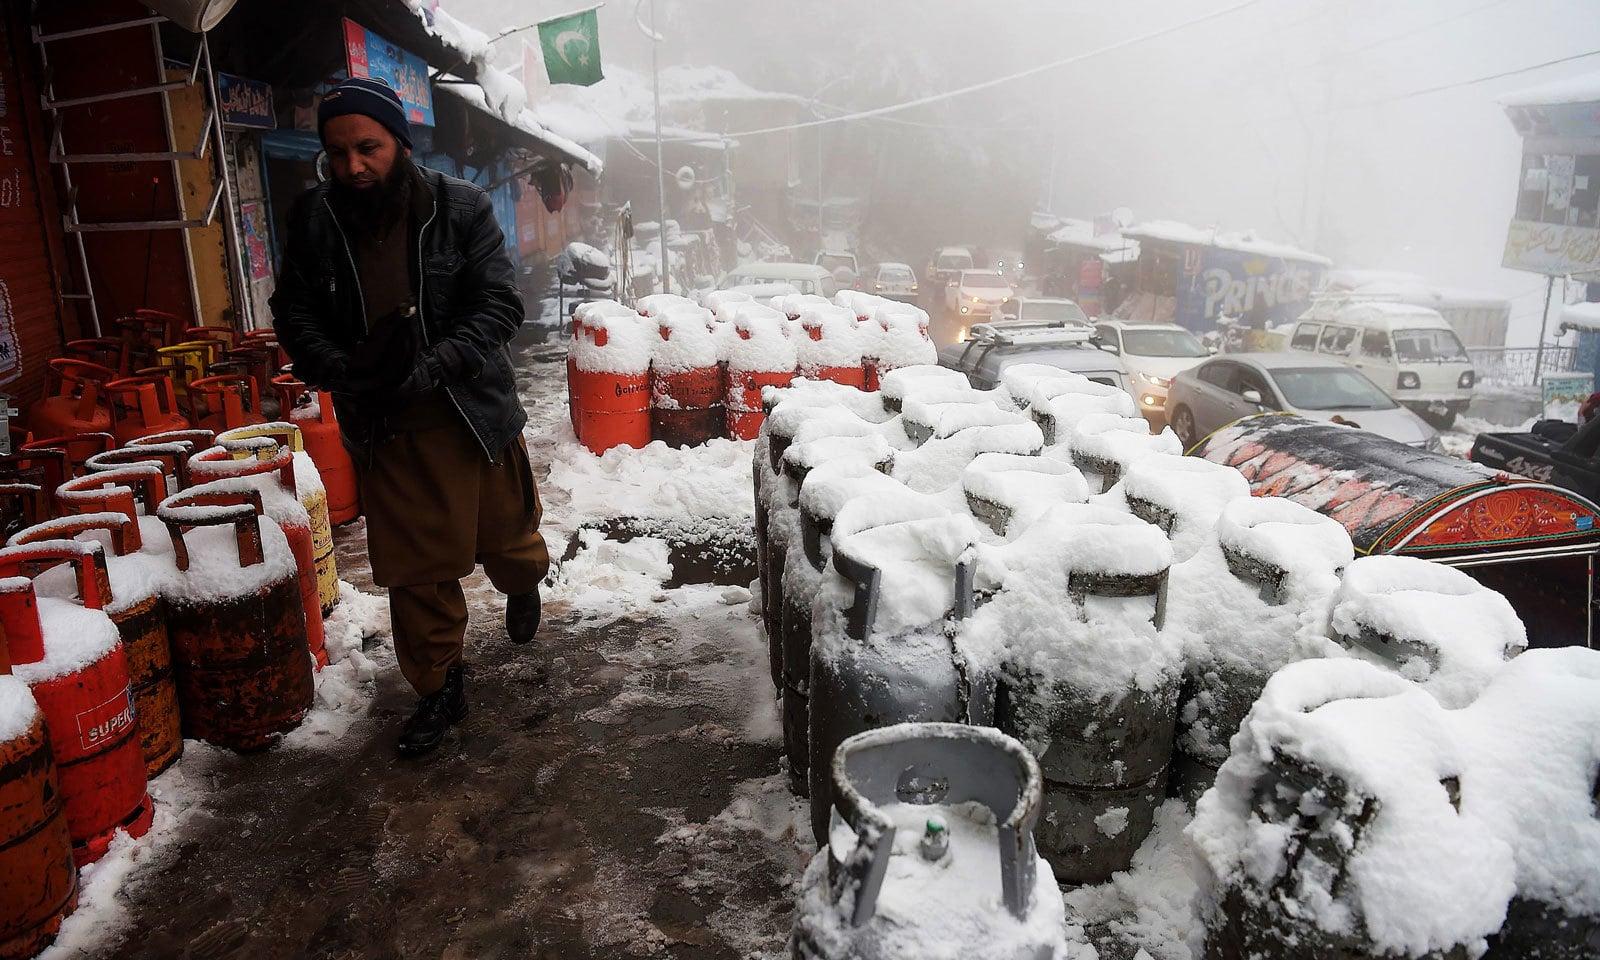 مری میں ایک شخص گیس کے سلنڈرز کے پاس سے گزر رہا ہے جو برف سے ڈھکے نظر آرہے ہیں — فوٹو: اے ایف پی